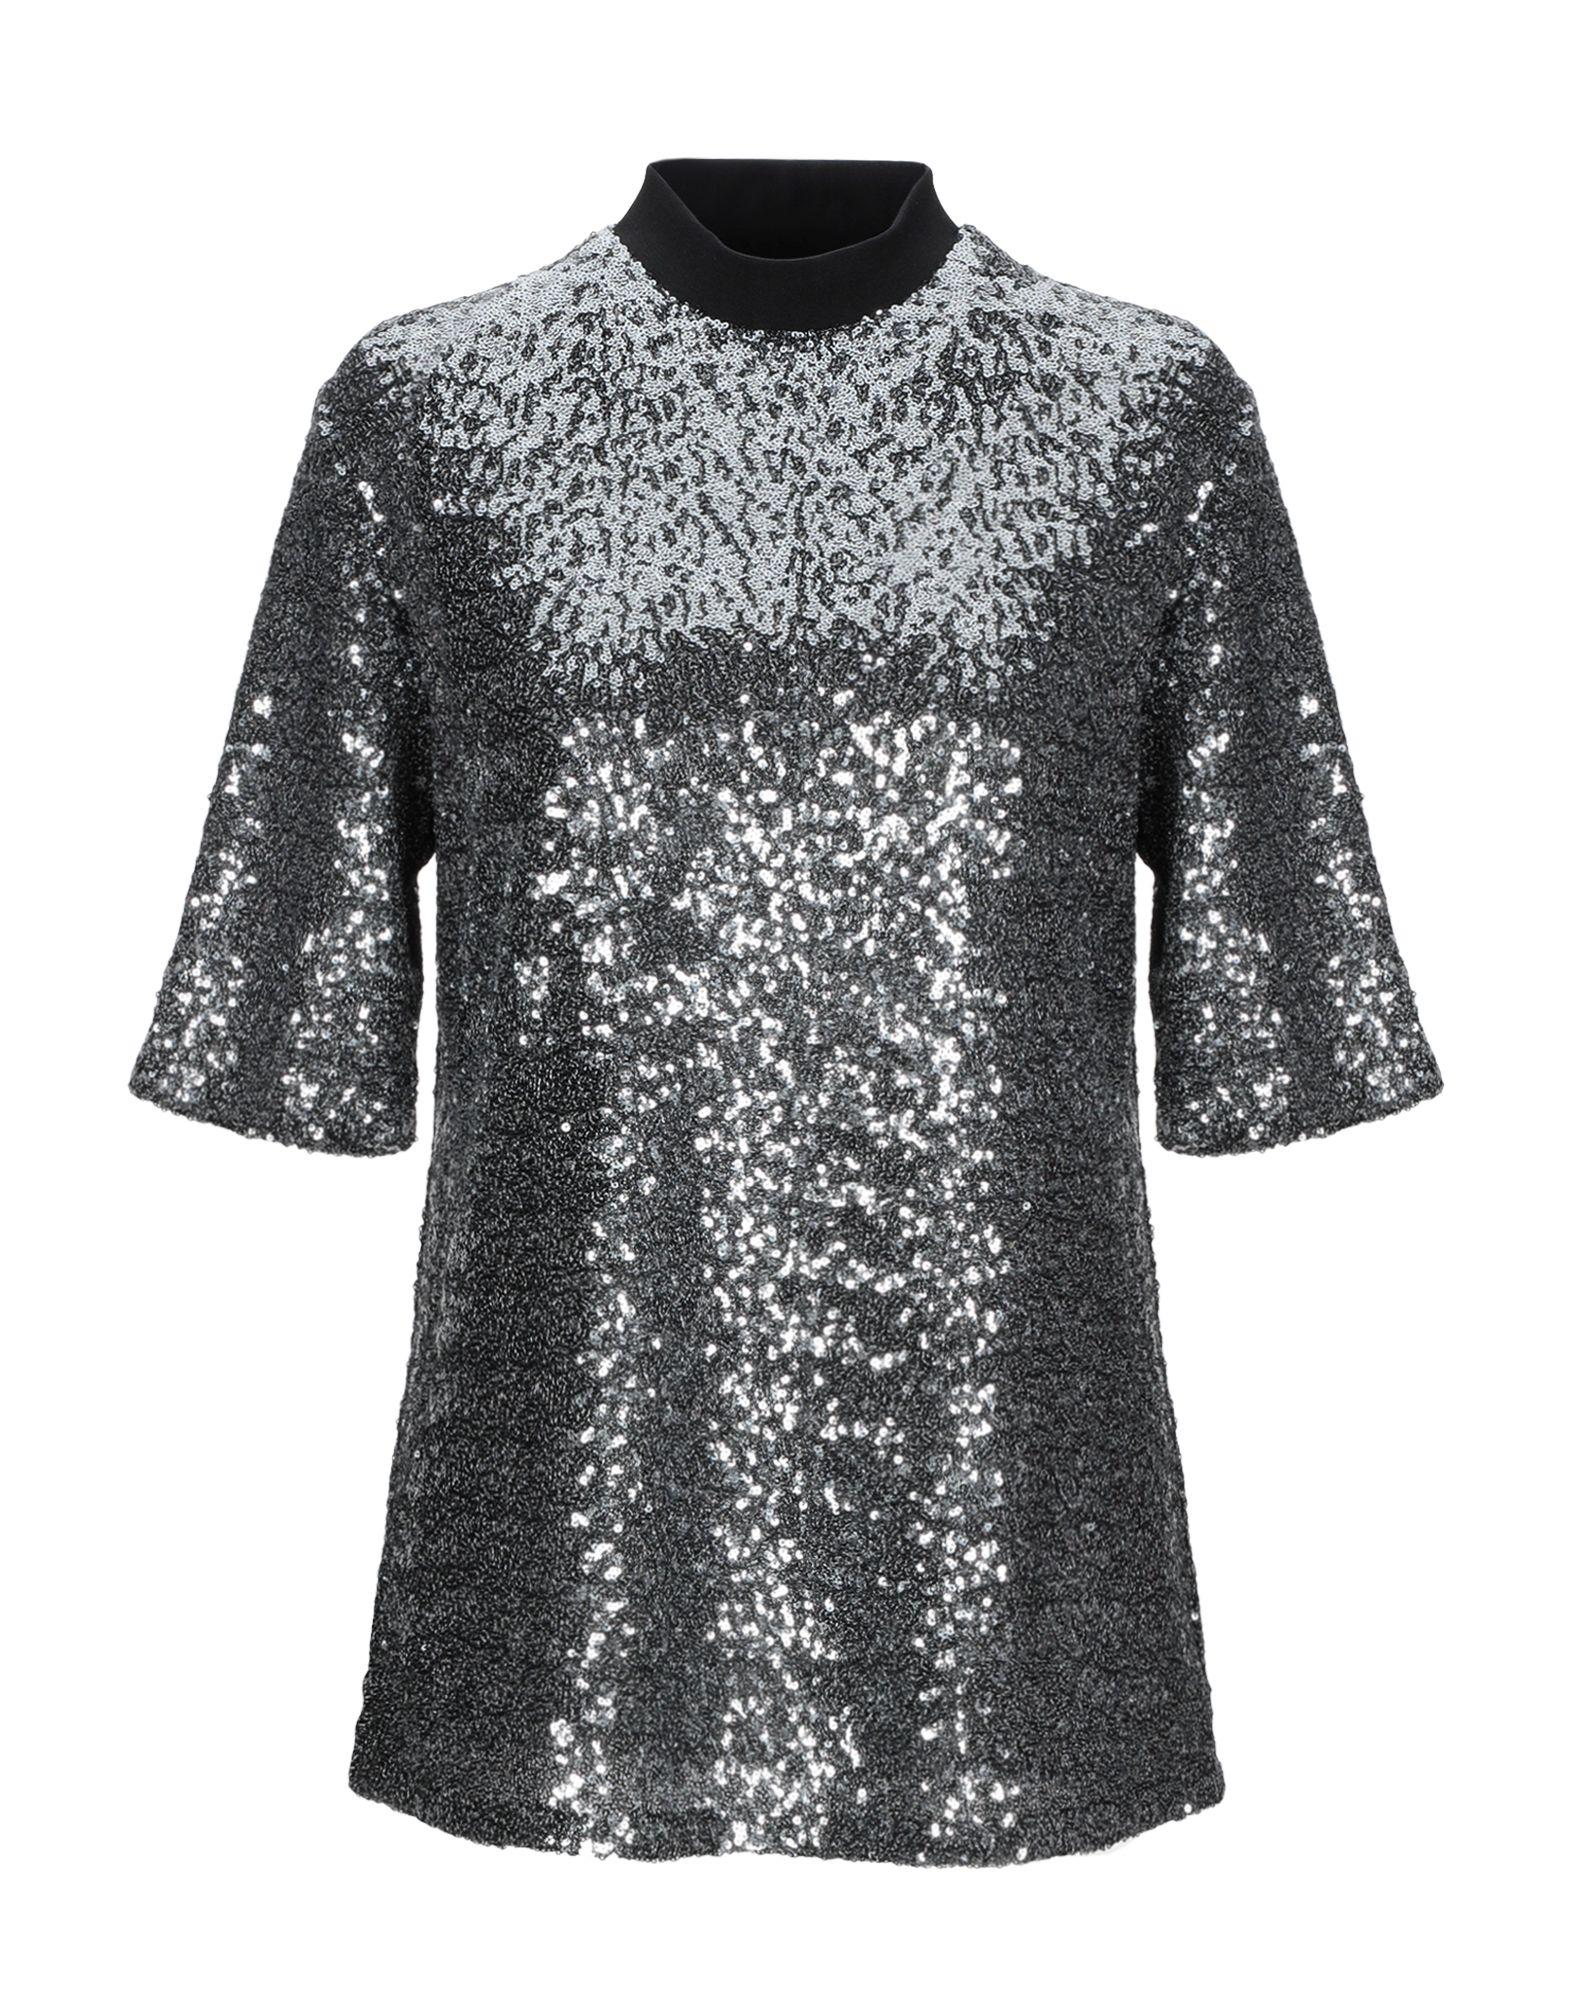 купить .AMEN. Блузка по цене 10800 рублей